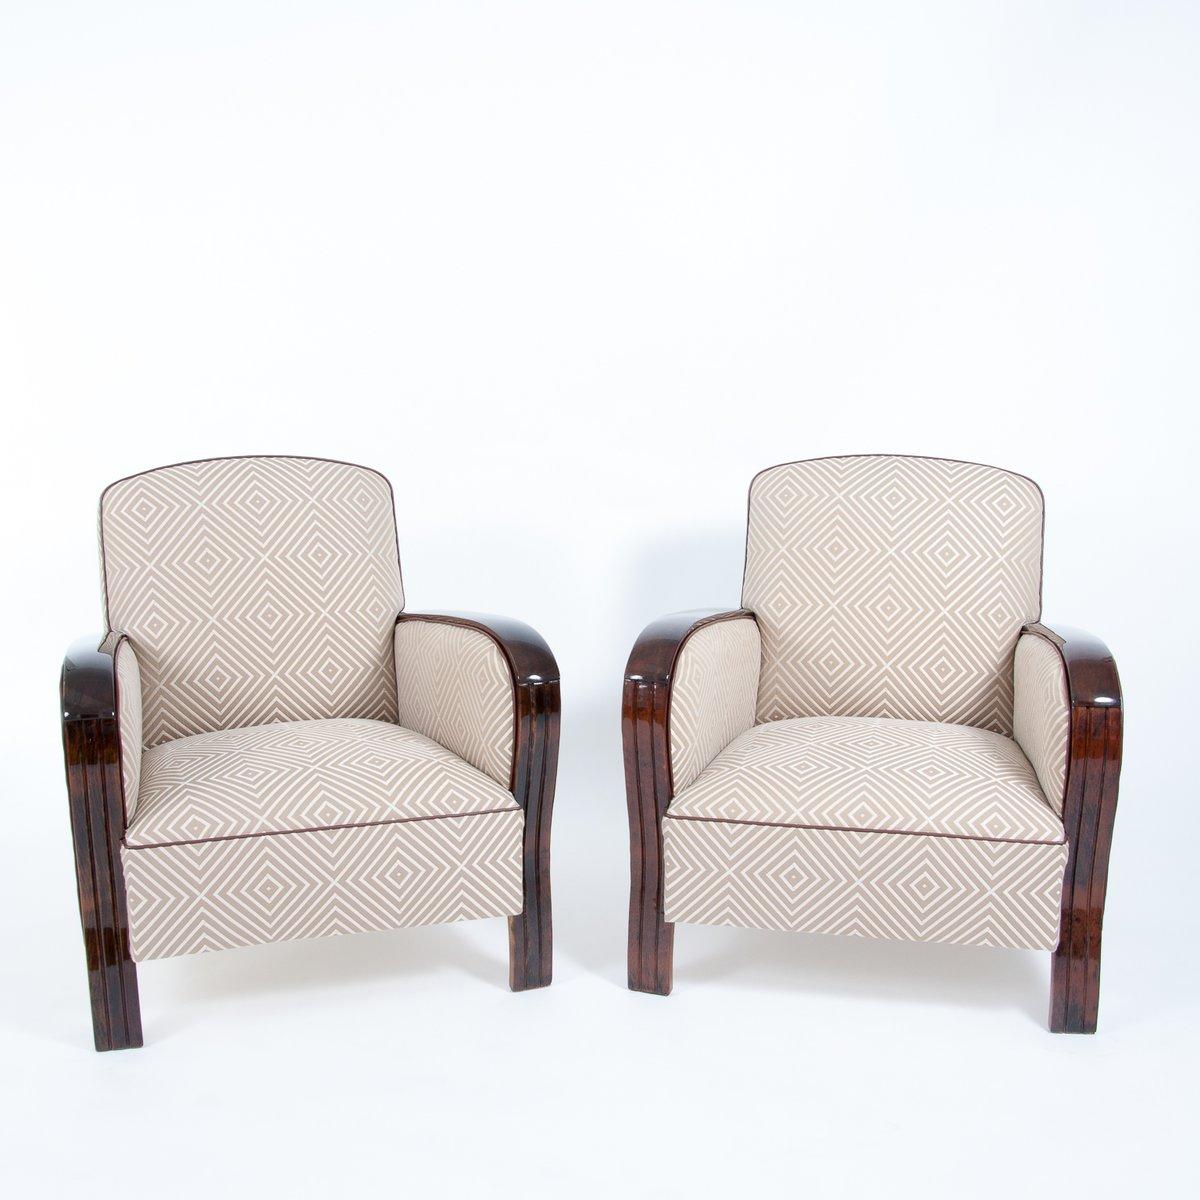 fauteuils art d co france 1930s set de 2 en vente sur pamono. Black Bedroom Furniture Sets. Home Design Ideas